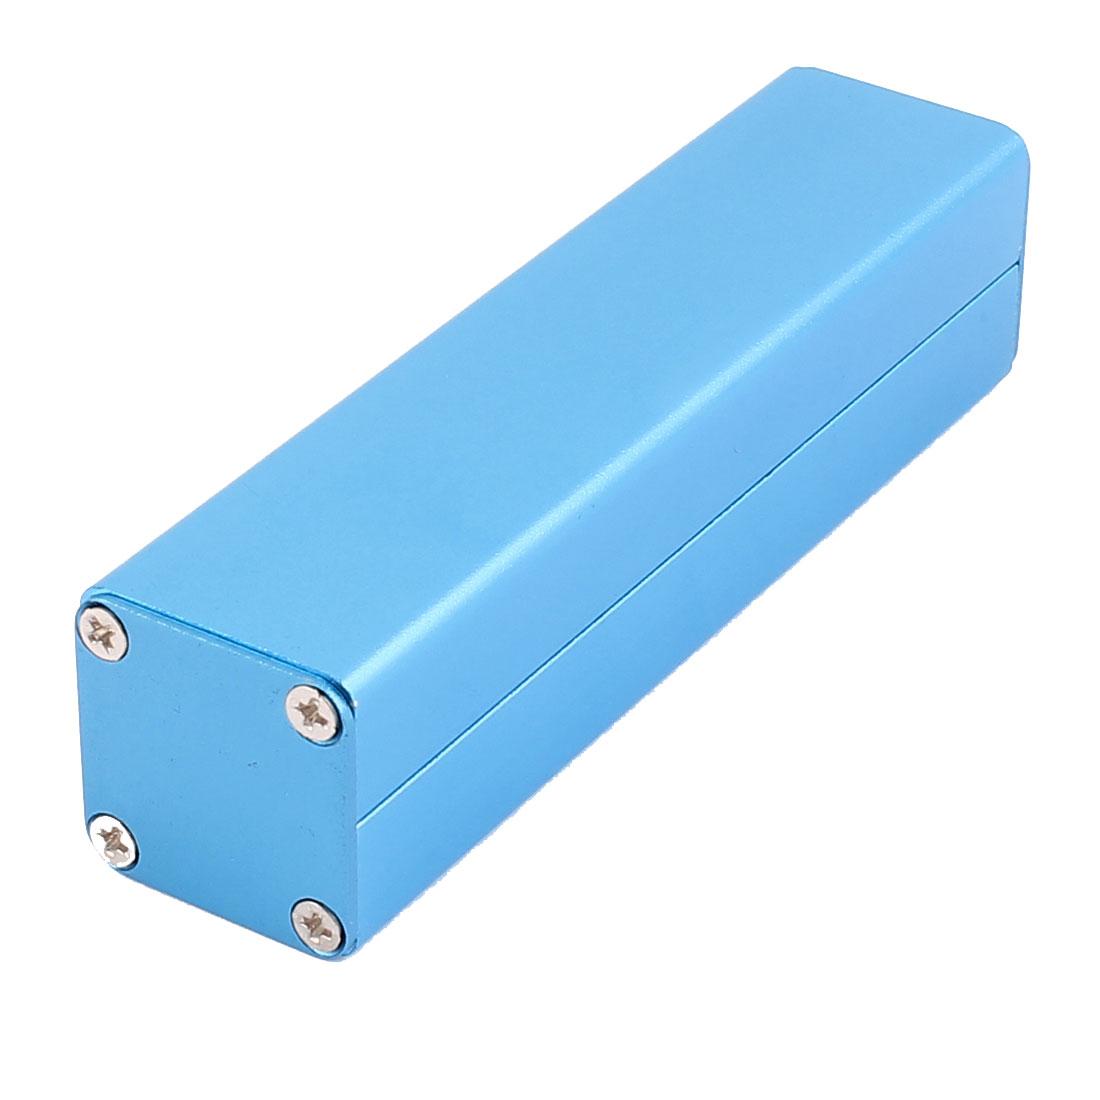 102 x 25 x 25mm Multi-purpose Electronic Extruded Aluminum Enclosure Case Blue